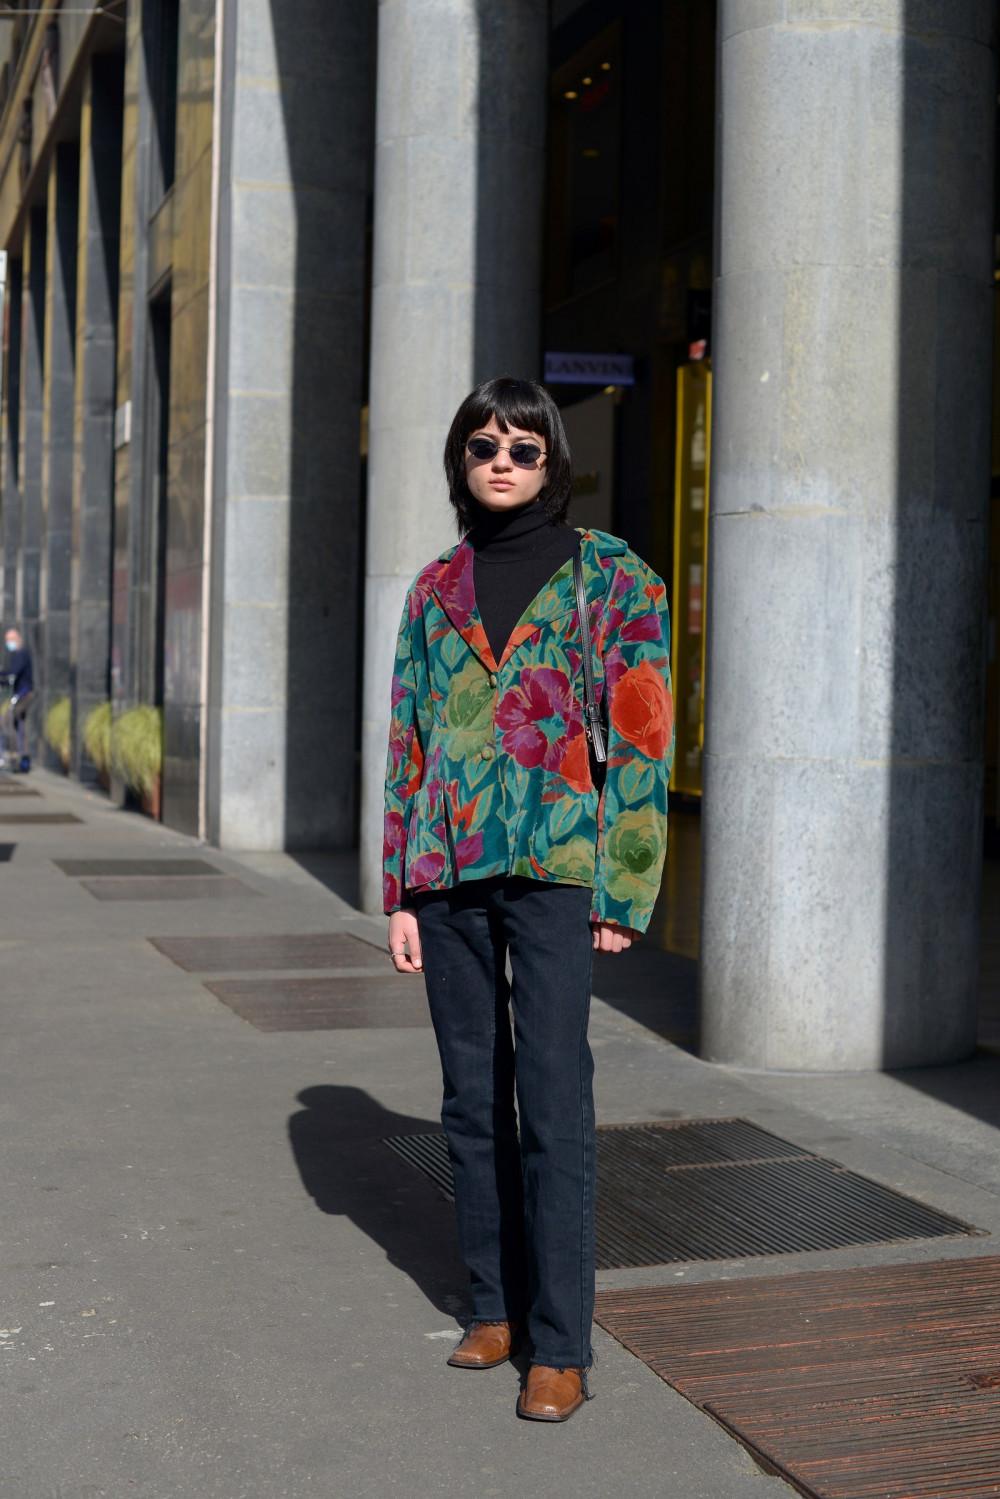 Jean thập niên 70 cũng đươc yêu thích trở lại. Vải denim màu tối trở thành xu hướng của những thập niên trước với những trang phục lấy cảm hứng từ cổ điển như áo khoác hoa, giày mũi vuông cực chất, áo cổ lọ màu đen…